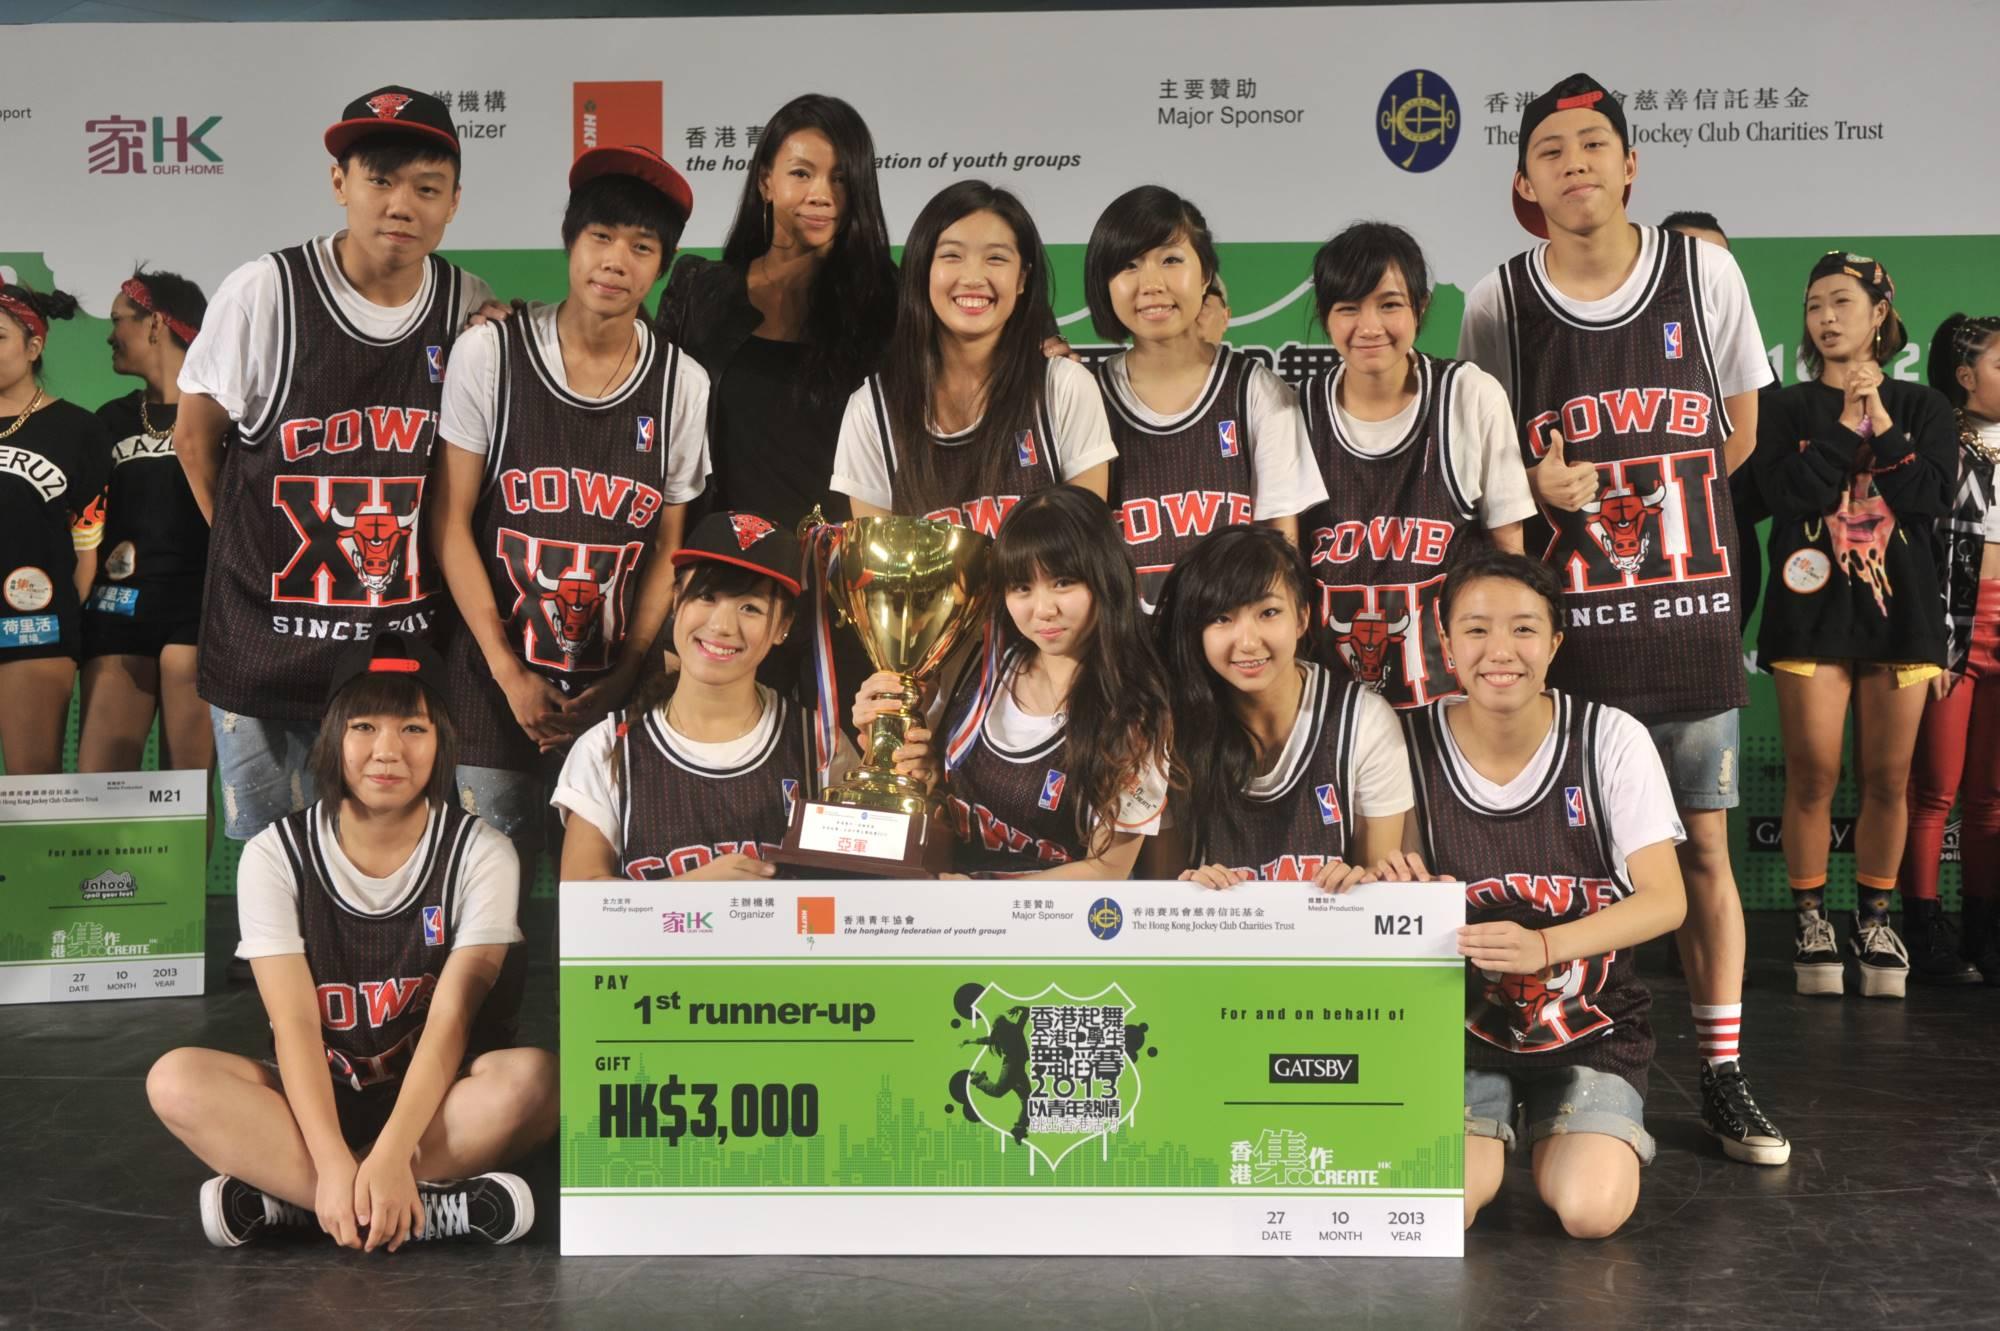 全港中學生舞蹈賽2013得獎隊伍 (3)